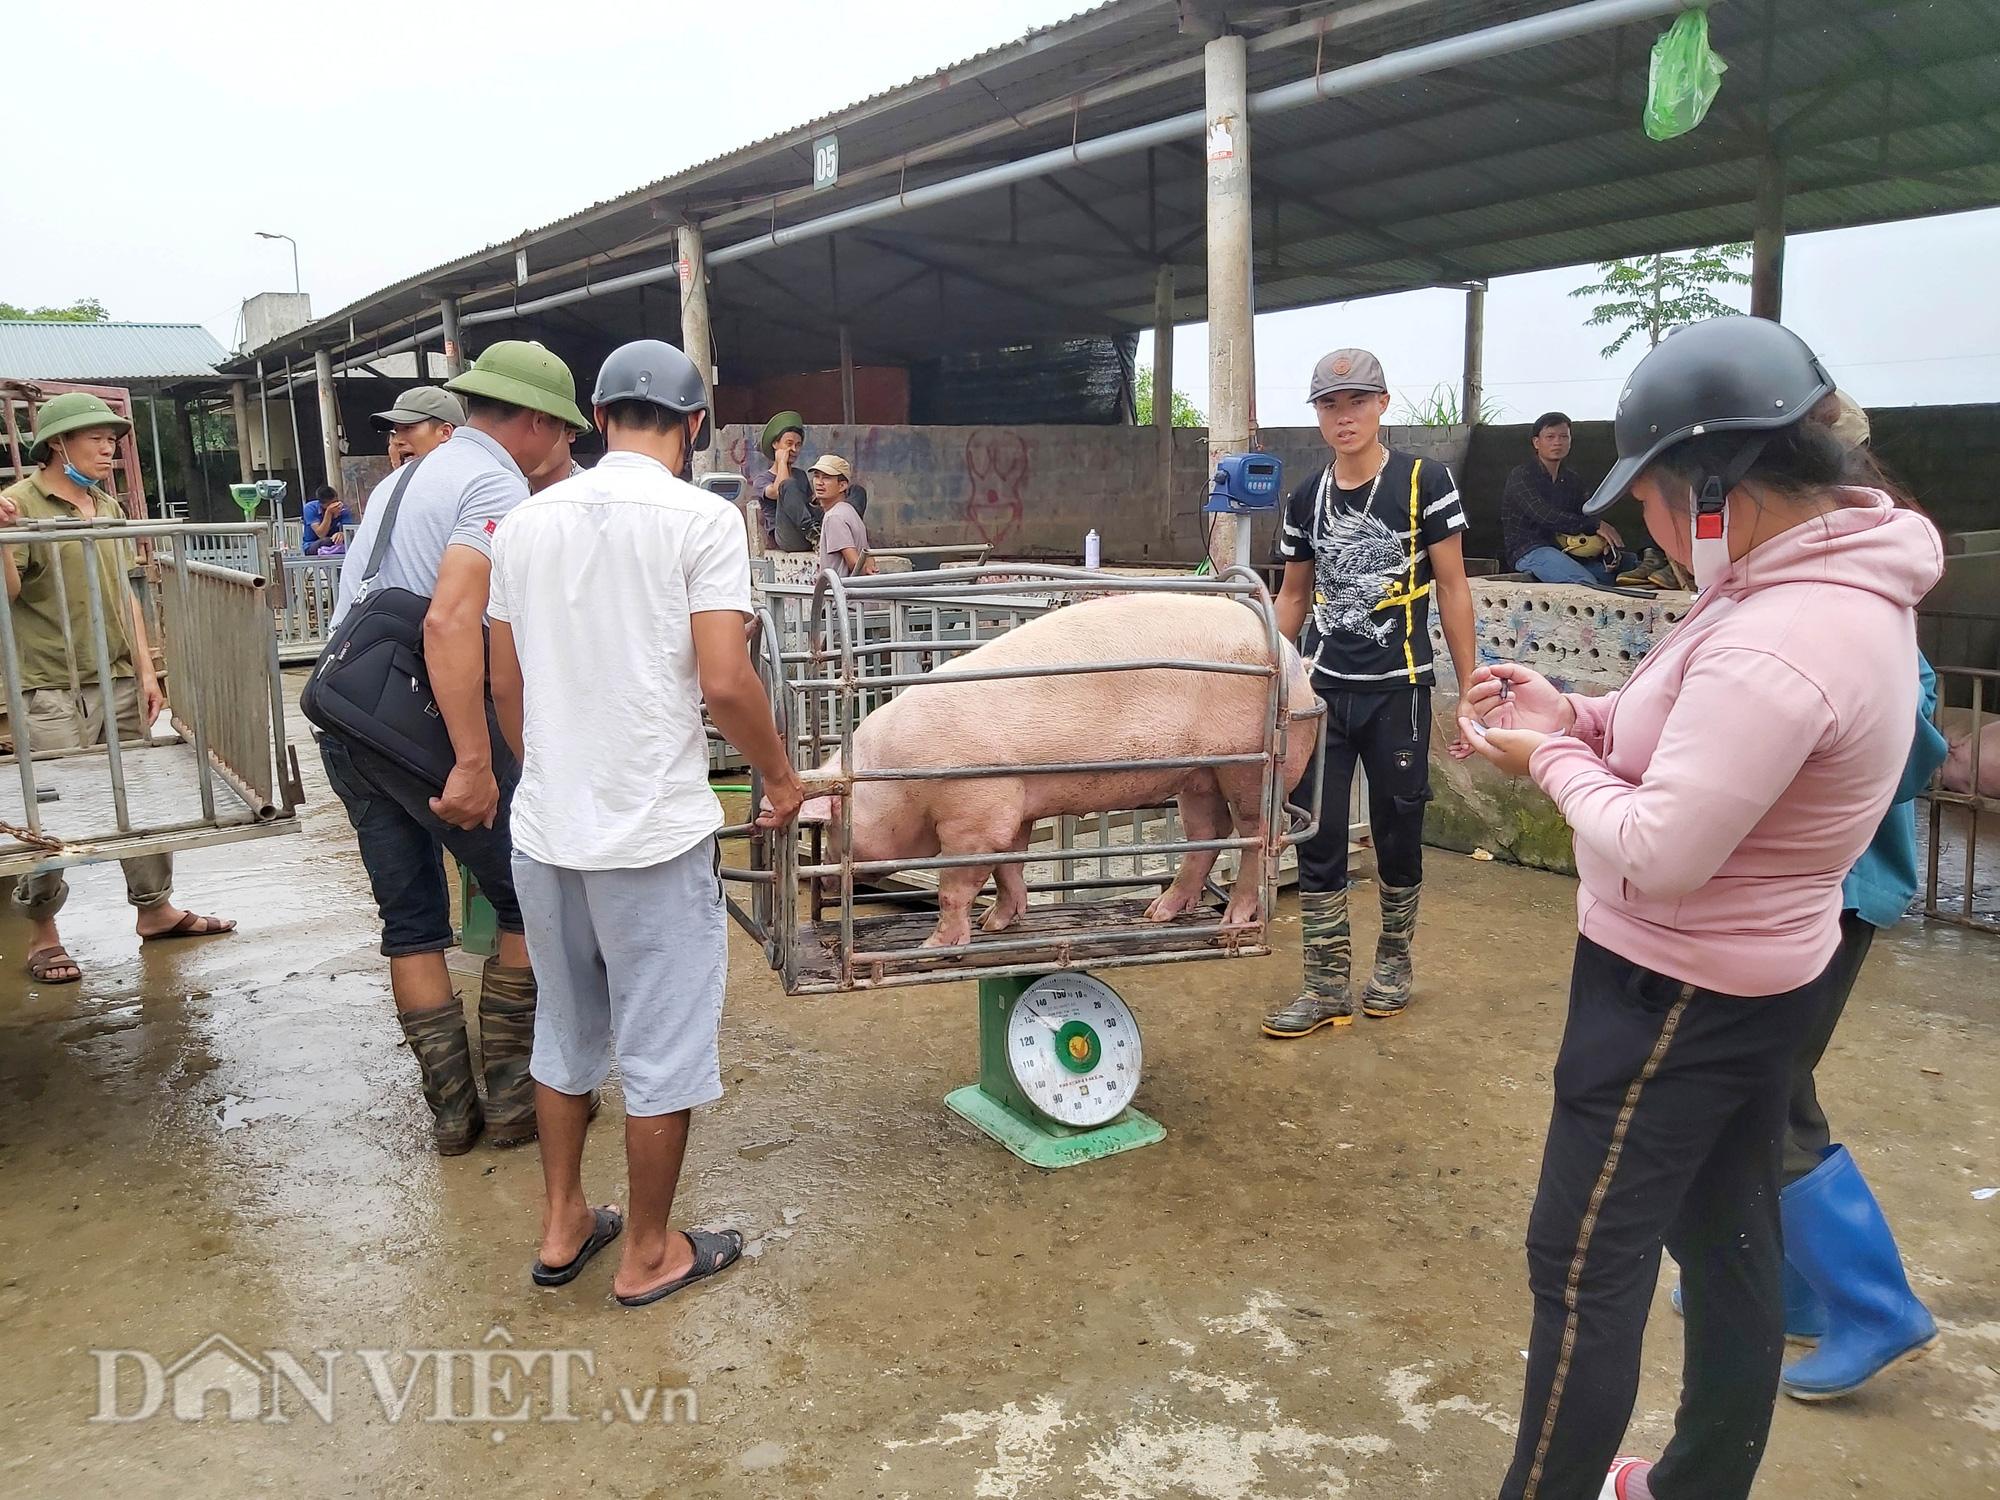 Chợ đầu mối lợn lớn nhất phía Bắc: cảnh mua bán tấp nập, giá lợn hơi tại chợ giảm từ 2.000 đồng - 4.000 đồng/kg - Ảnh 2.